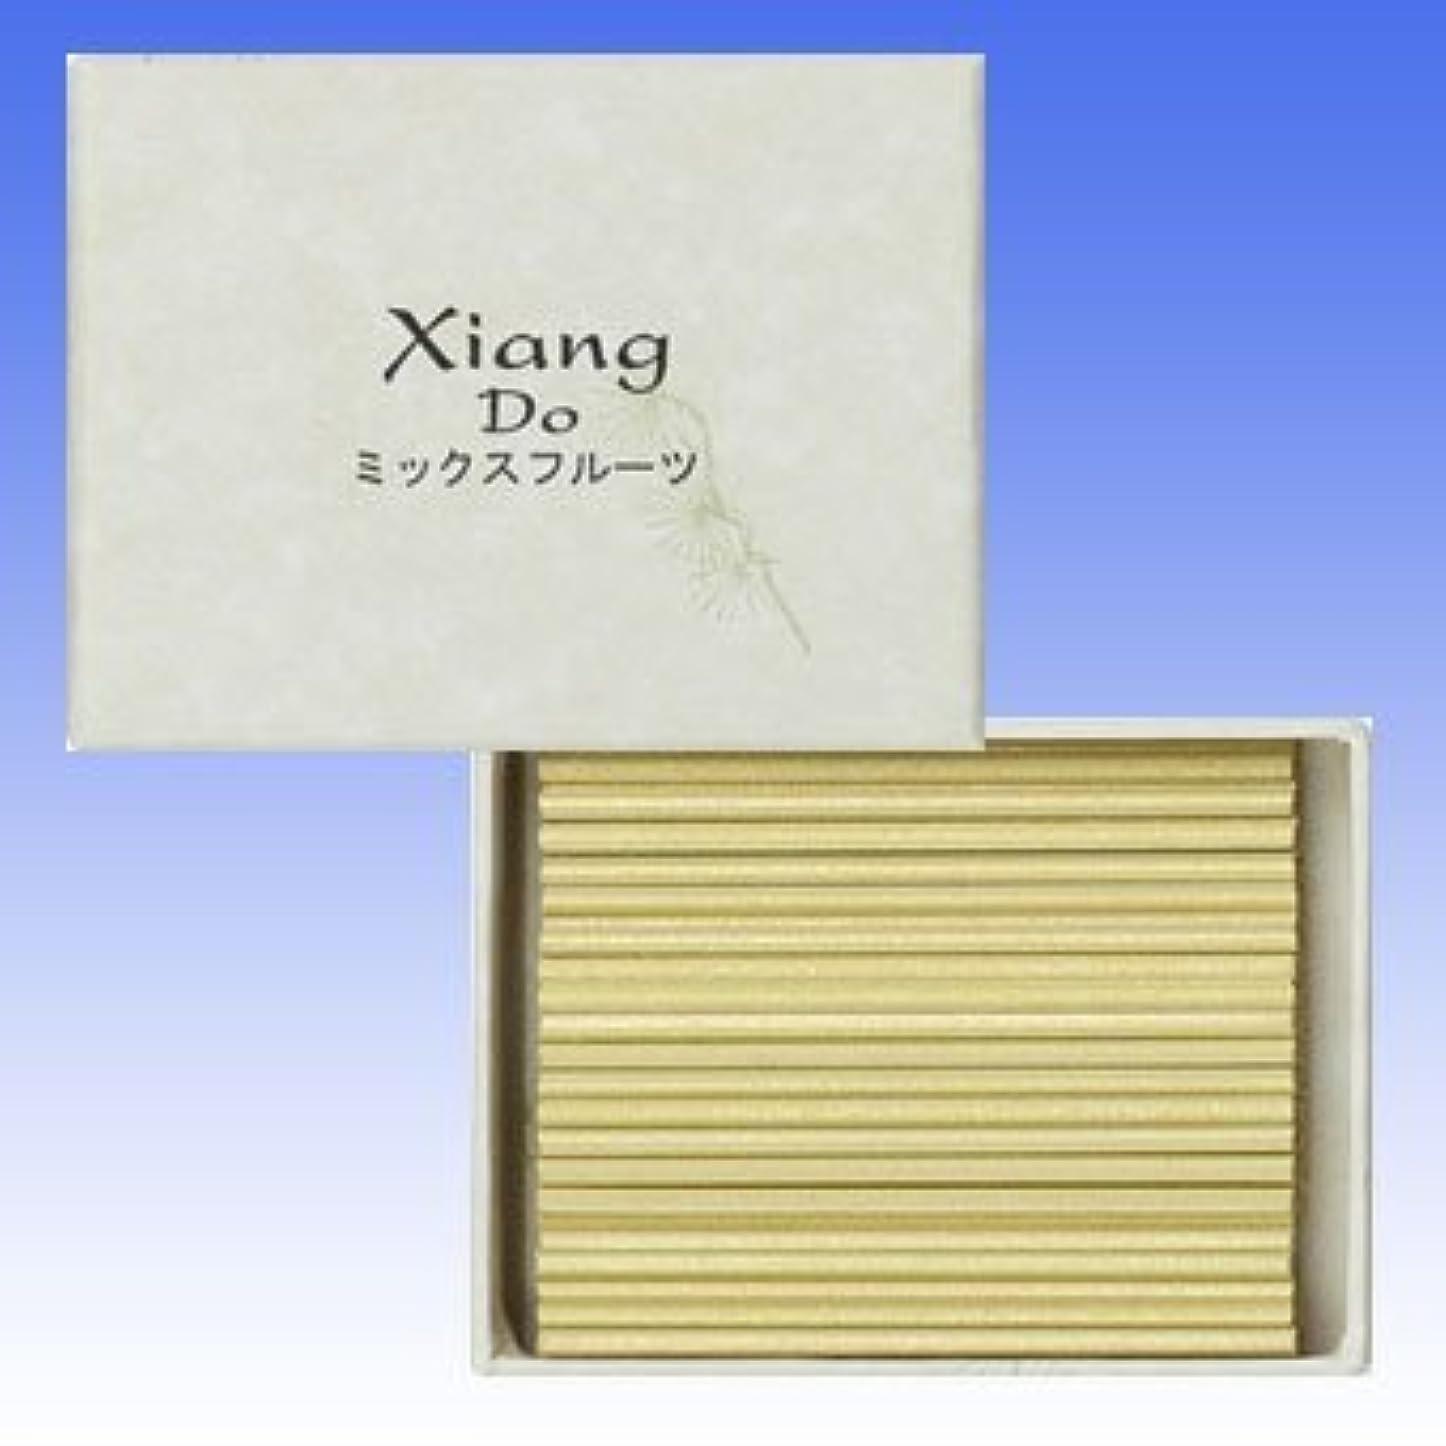 ジャーナル知っているに立ち寄る検索エンジン最適化松栄堂 Xiang Do(シァン ドゥ) 徳用120本入 (ミックスフルーツ)